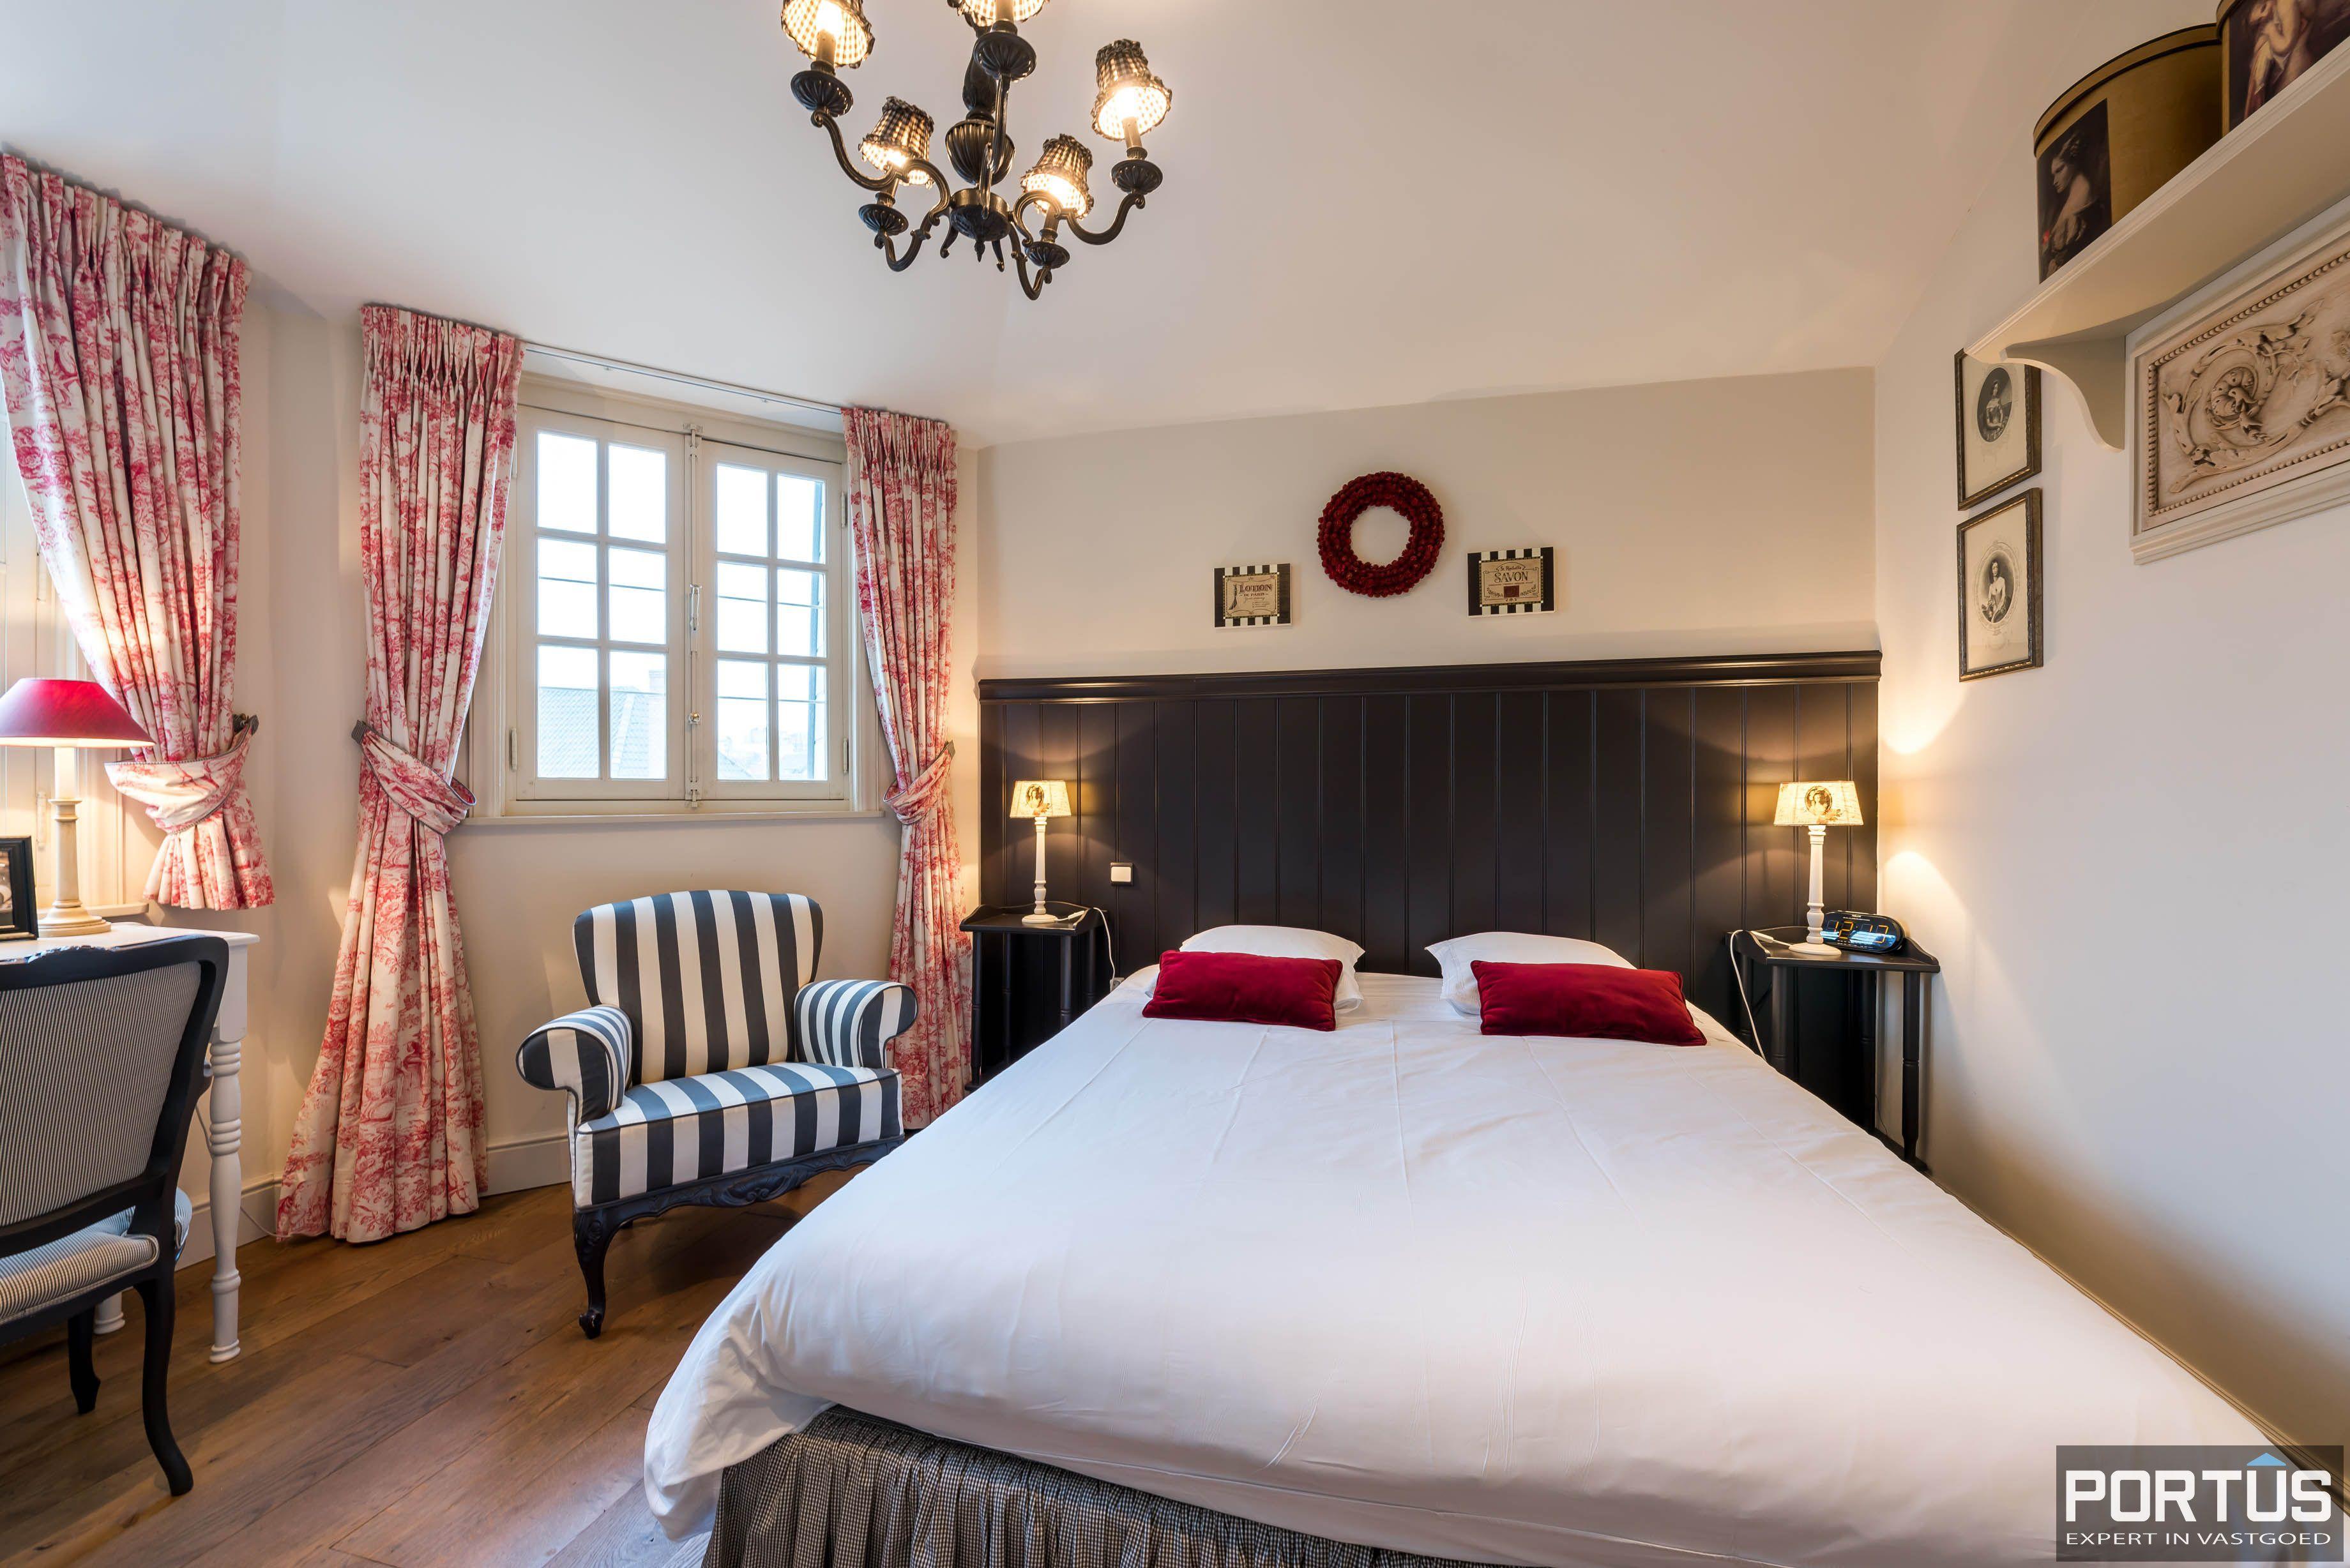 Villa/B&B te koop Westende met 6 slaapkamers - 5443